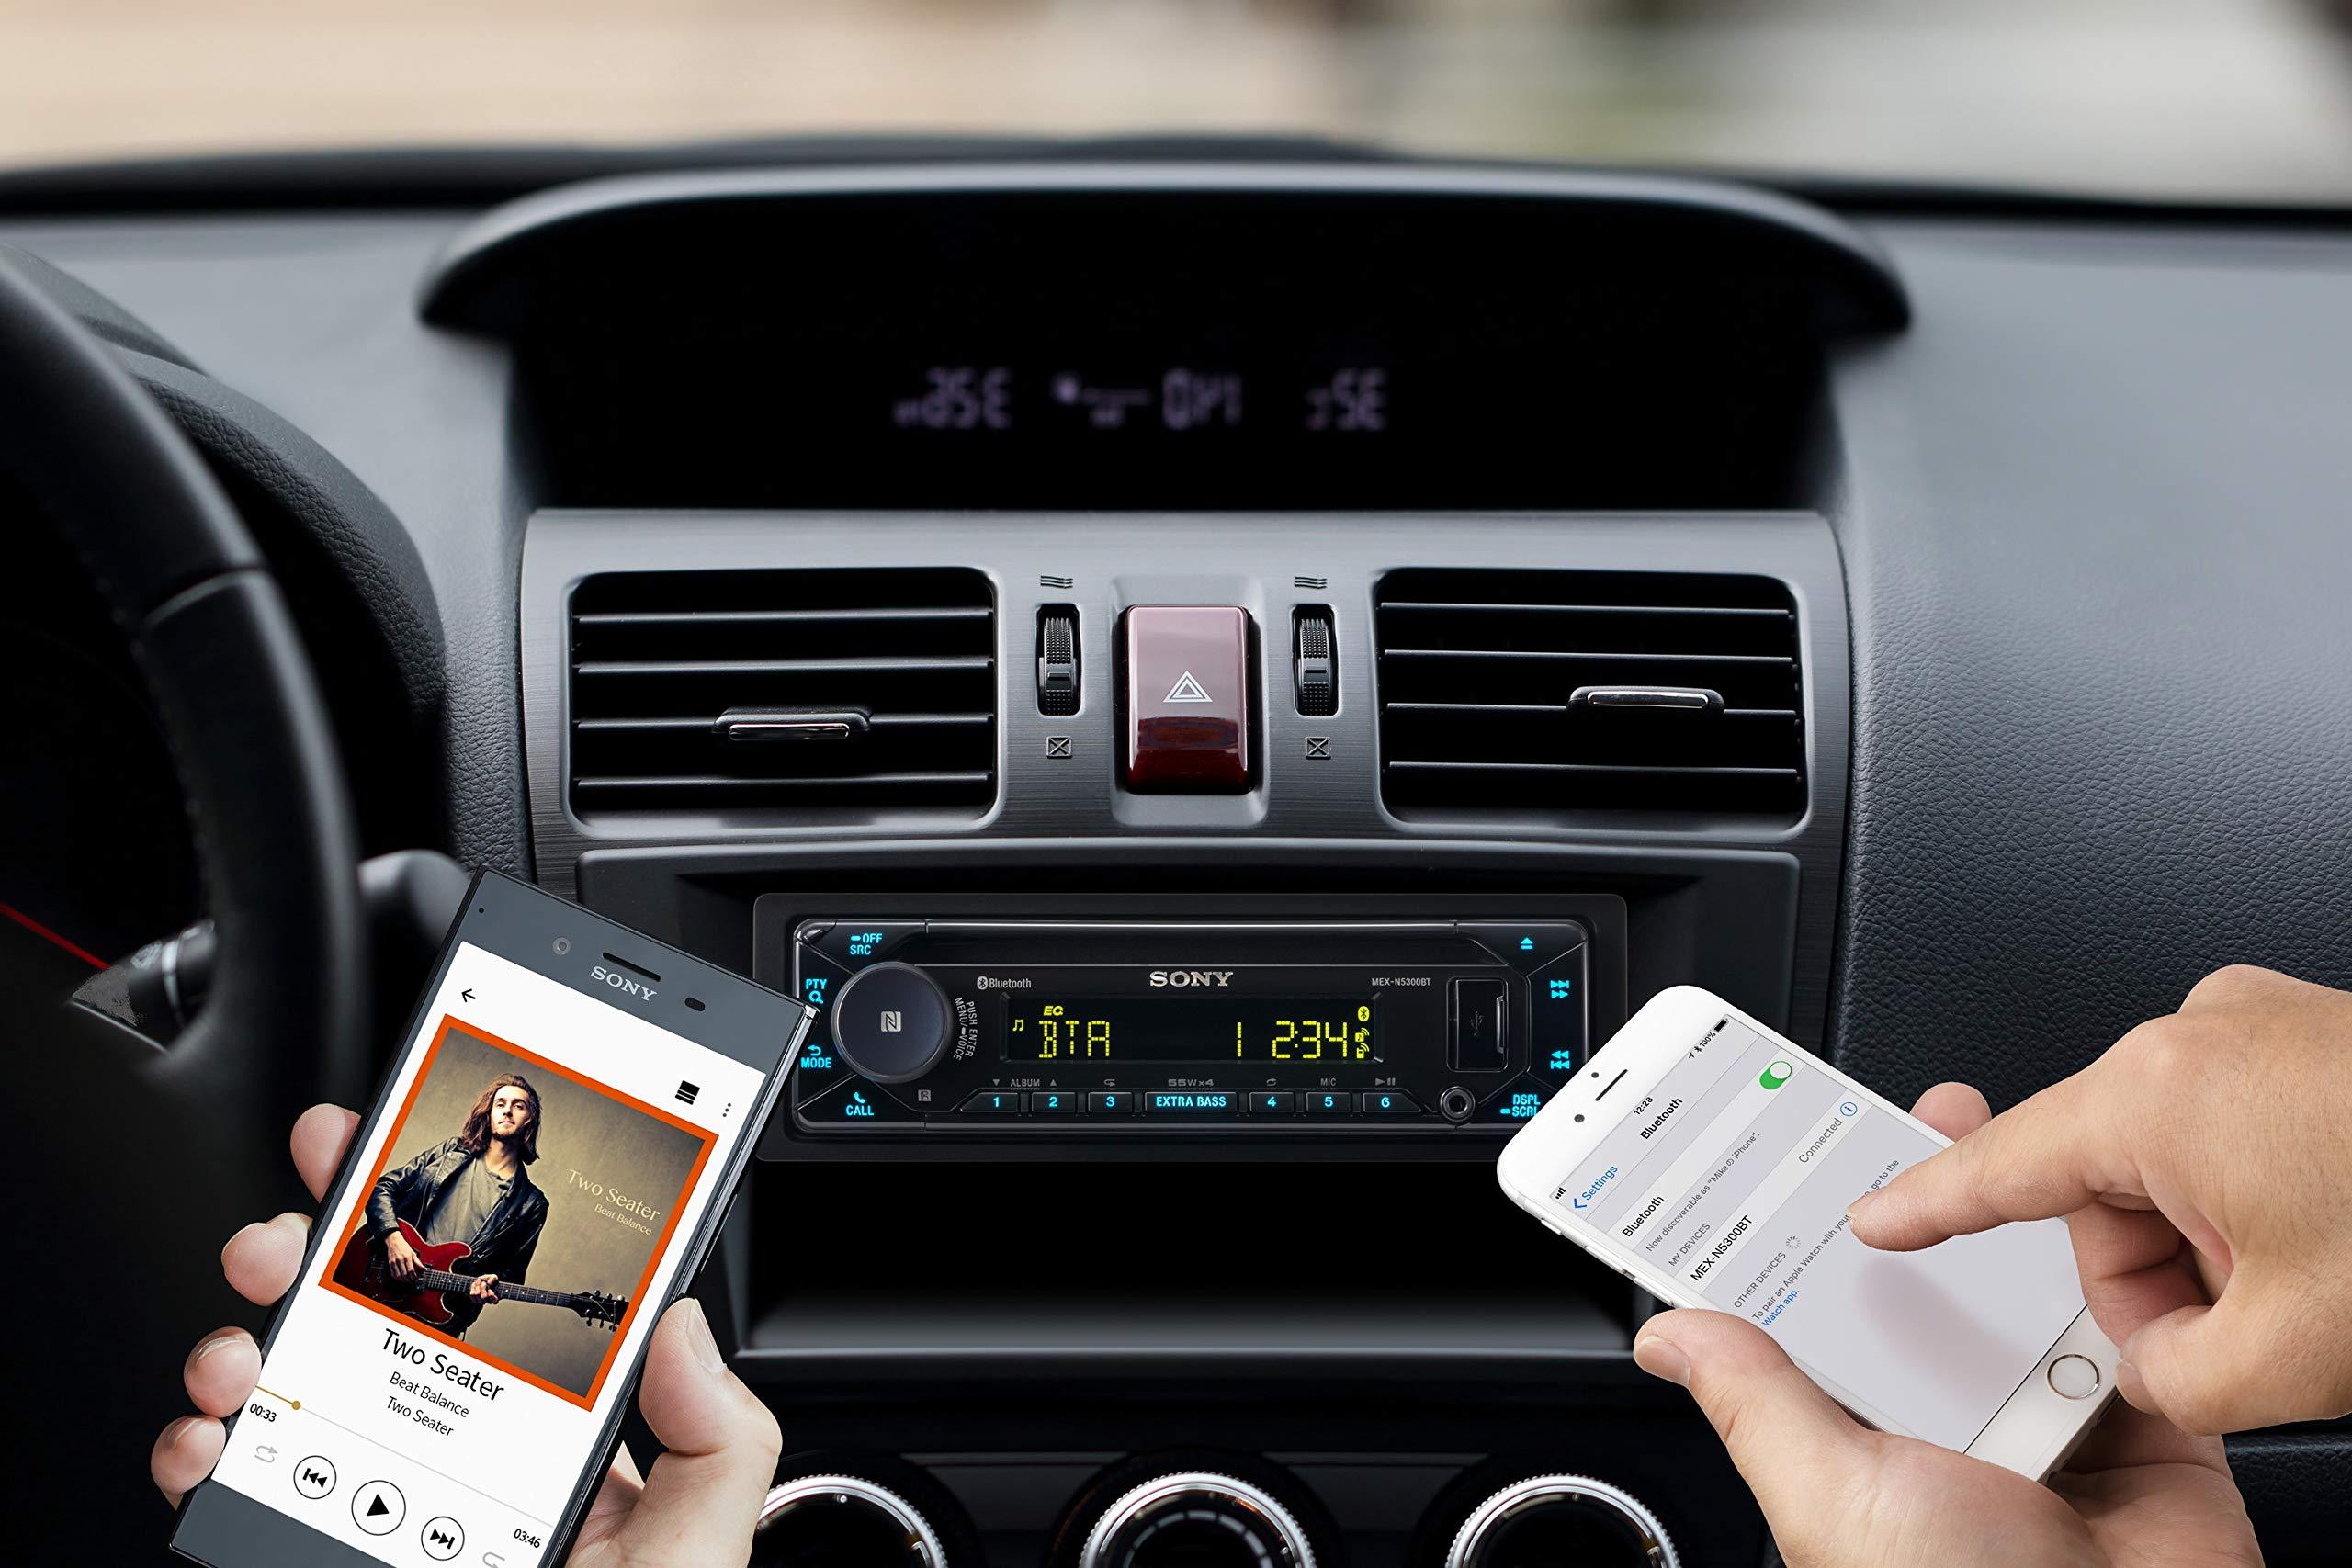 Sony-MEX-N5300BT-Autoradio-mit-CD-Dual-Bluetooth-NFC-USB-und-AUX-Anschluss-35000-Farben-Vario-Color-Freisprechen-Dank-Mikrofon